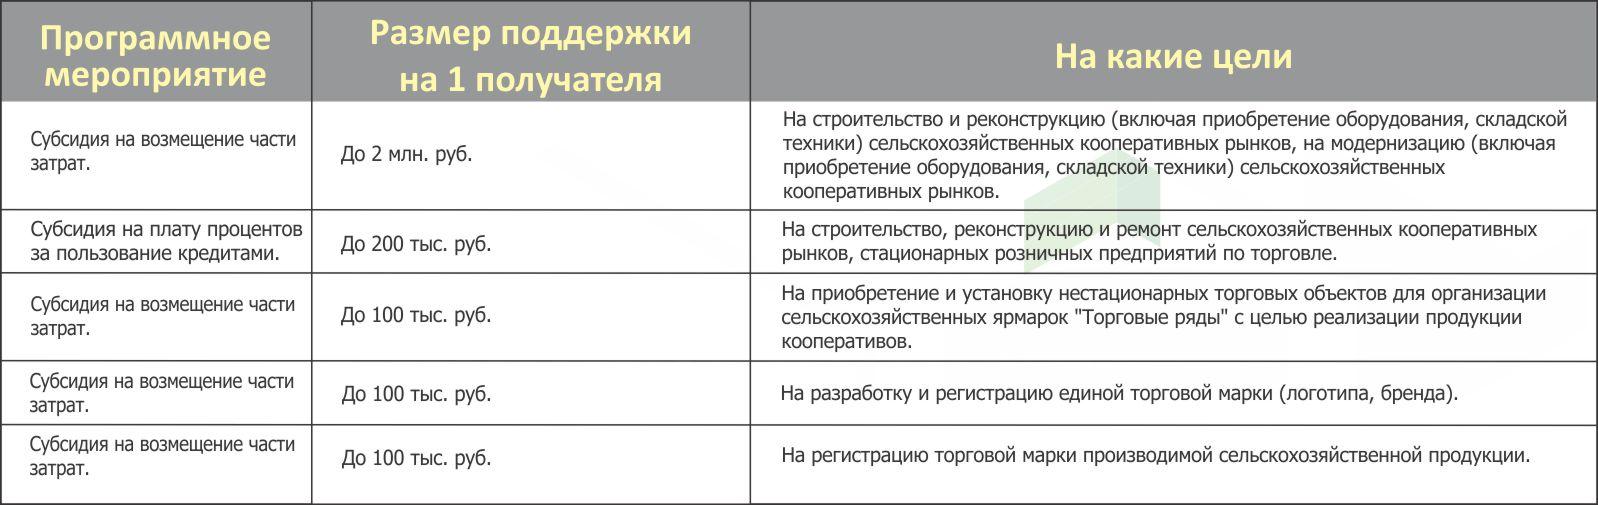 Управление потребительского рынка Липецкой области